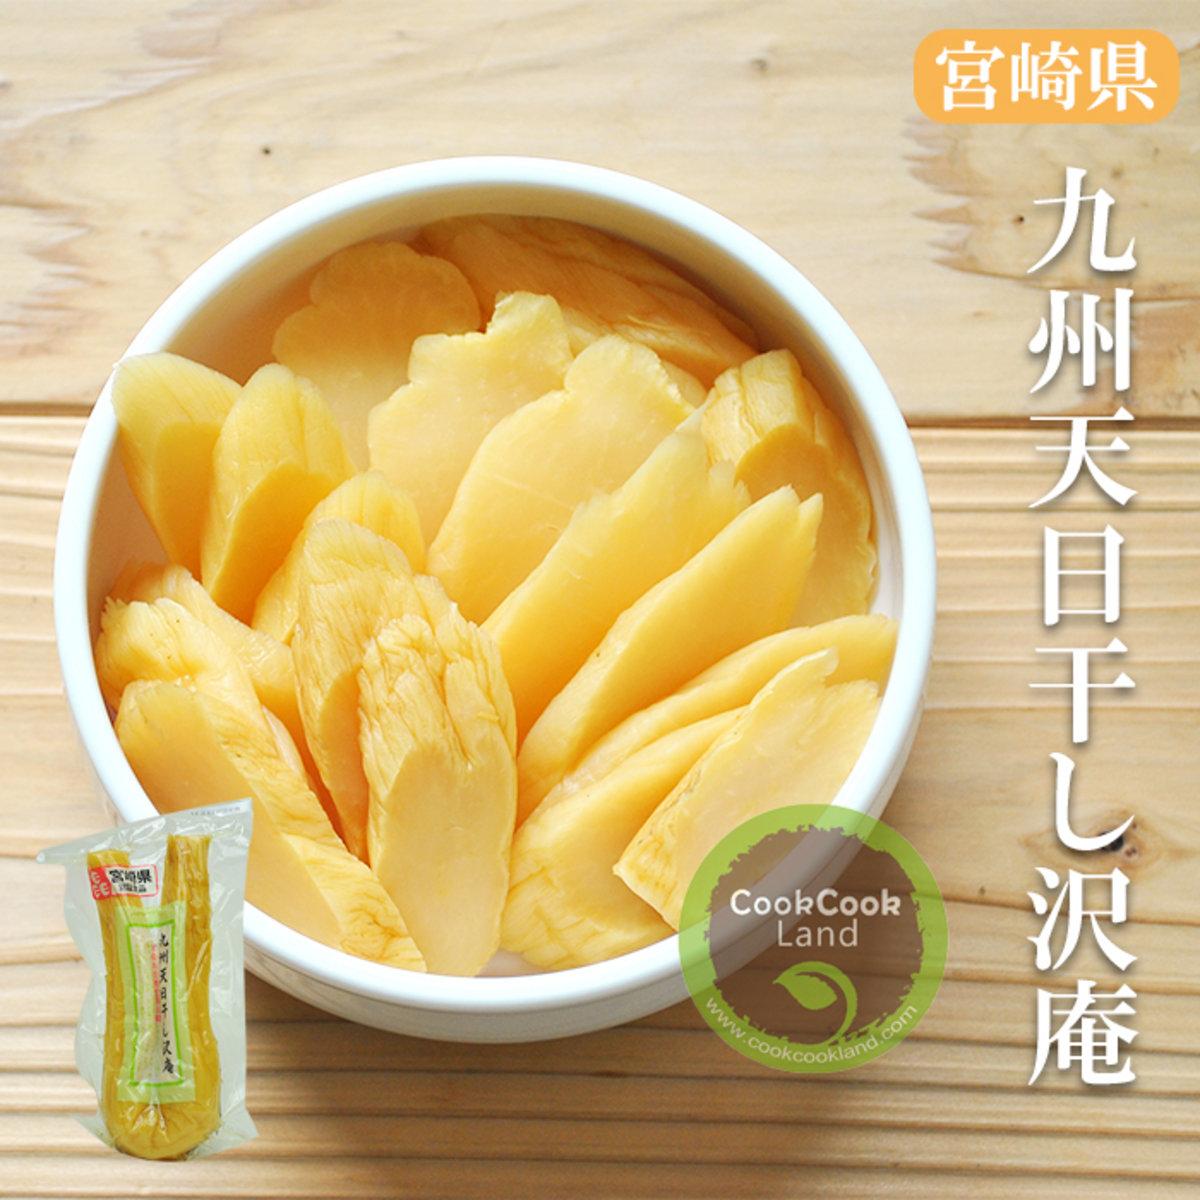 Japanese Kyushu Sun-Dried Pickled Radish